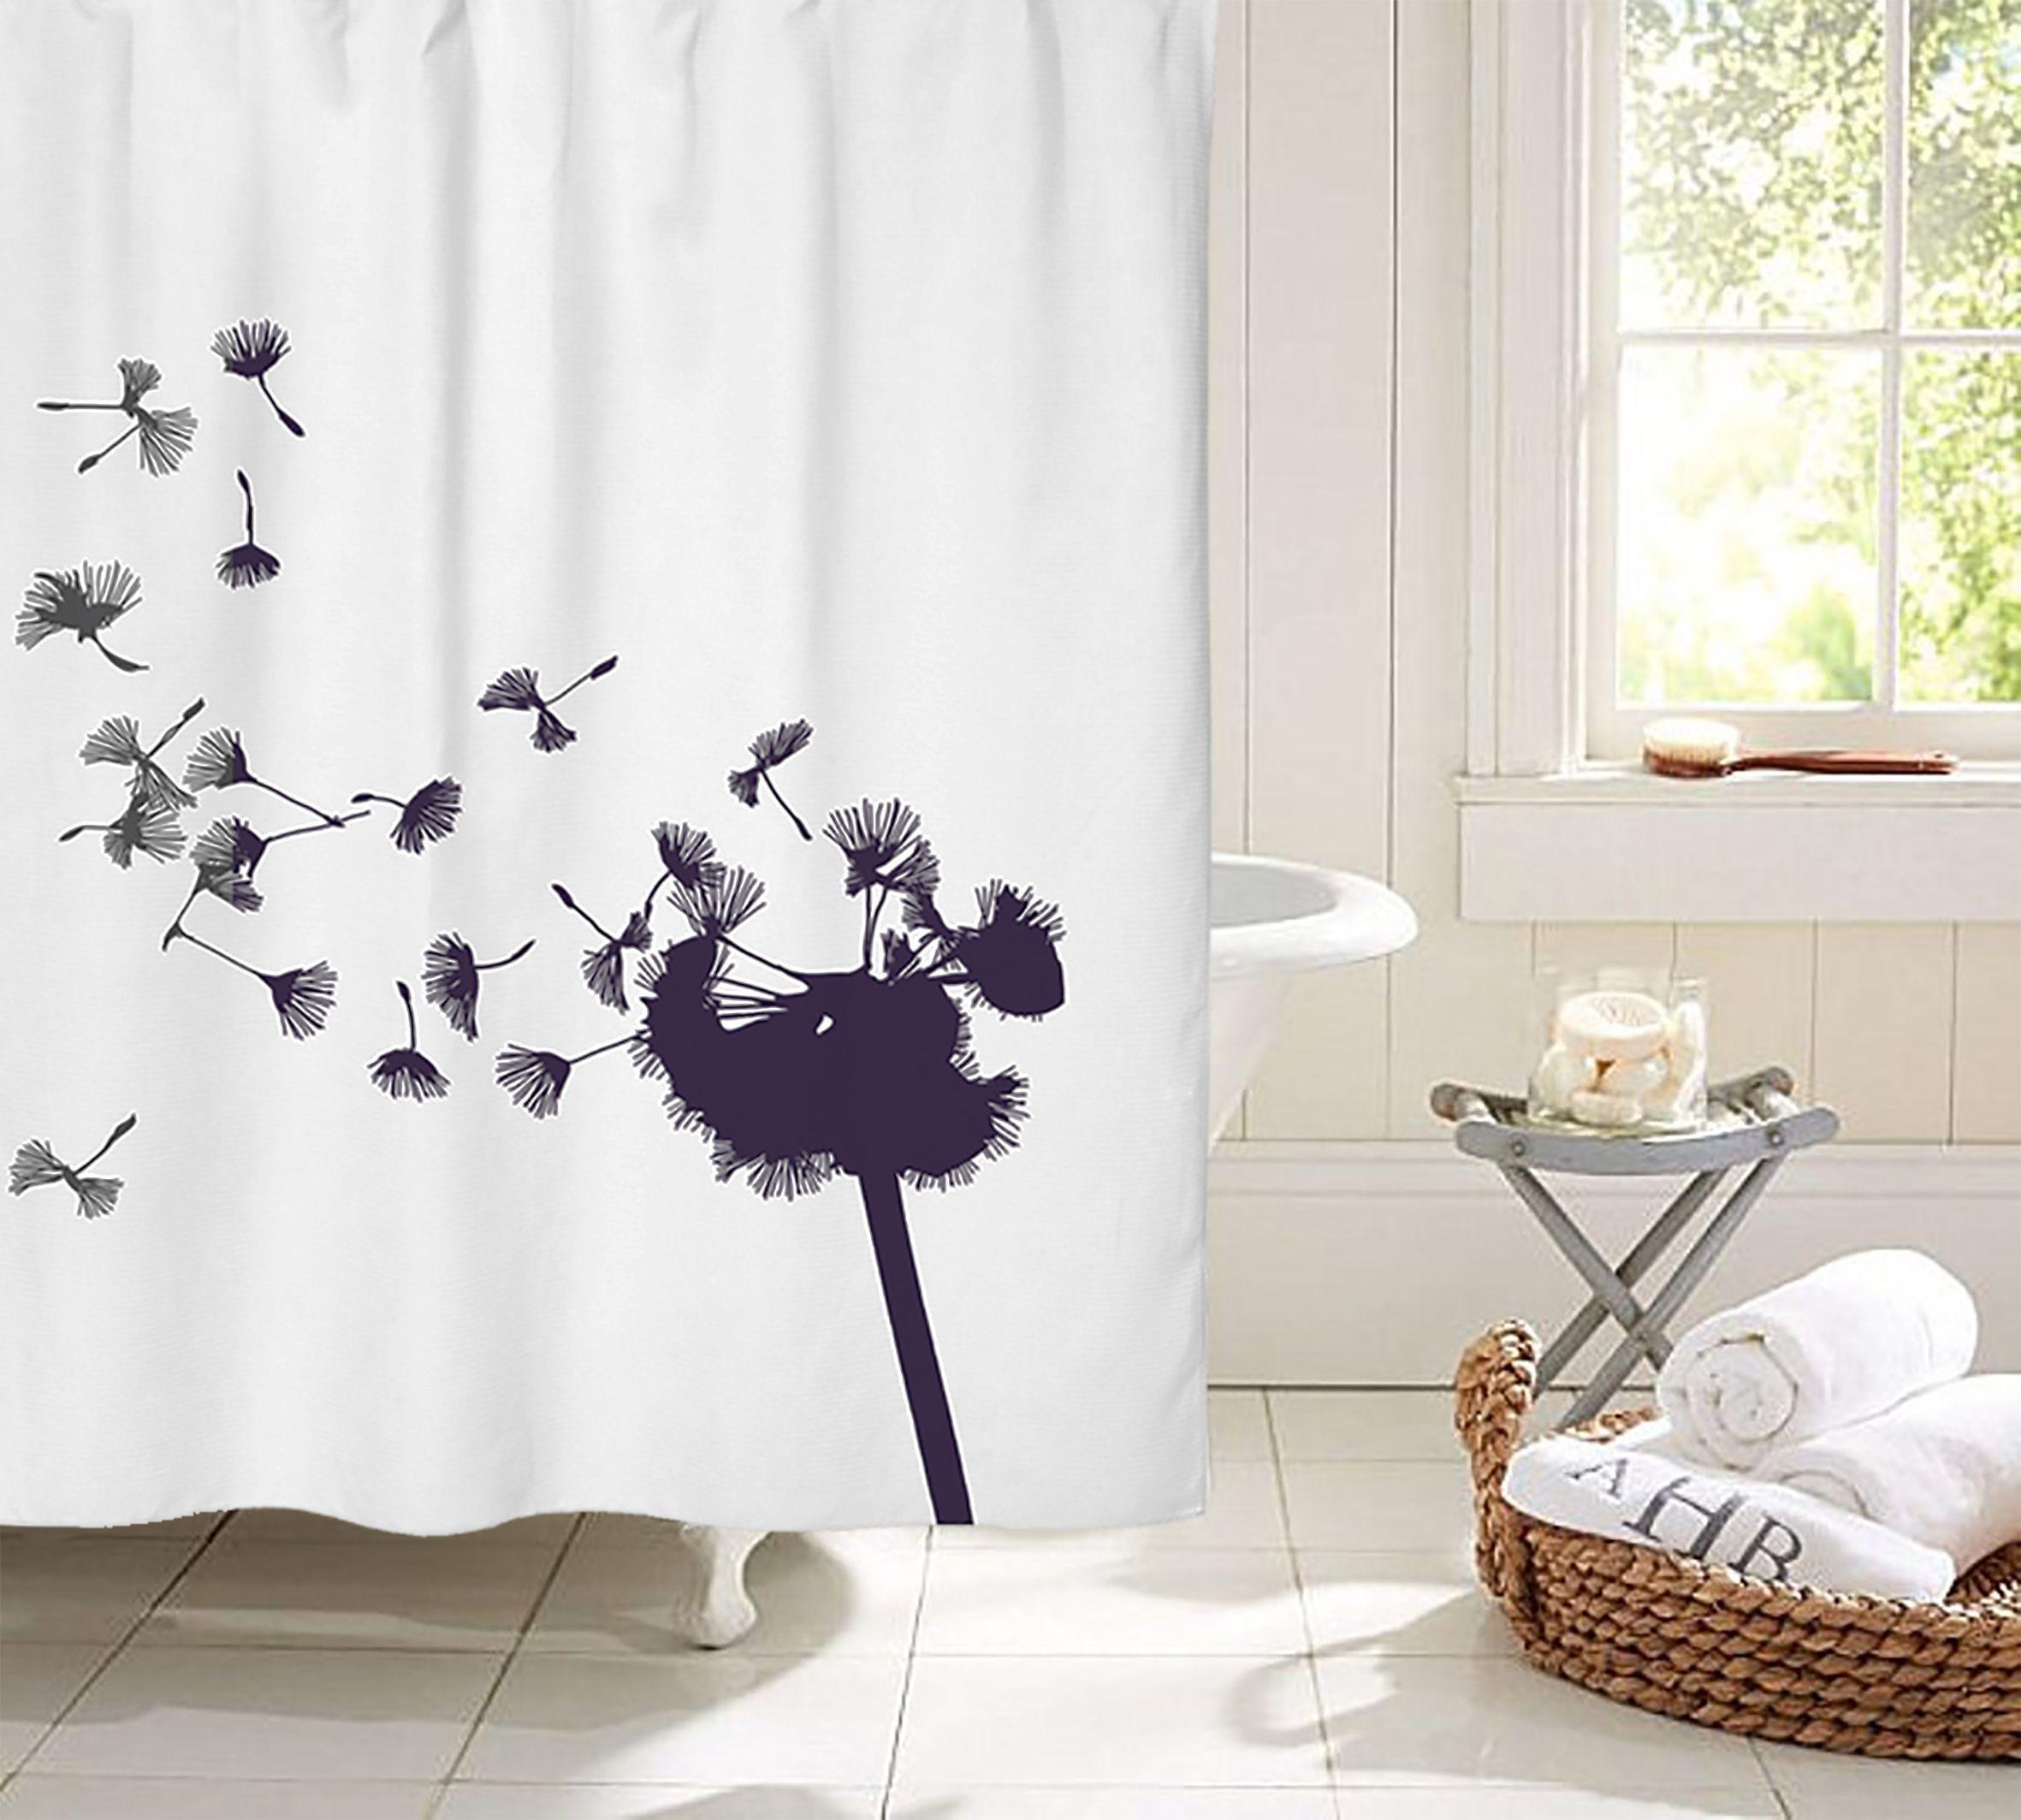 Decorate your bathroom with this beautiful dandelion shower curtain. Price 42,7€ Dekorer dit badeværelse med dette smukke mælkebøtte badeforhæng. Pris 295,-